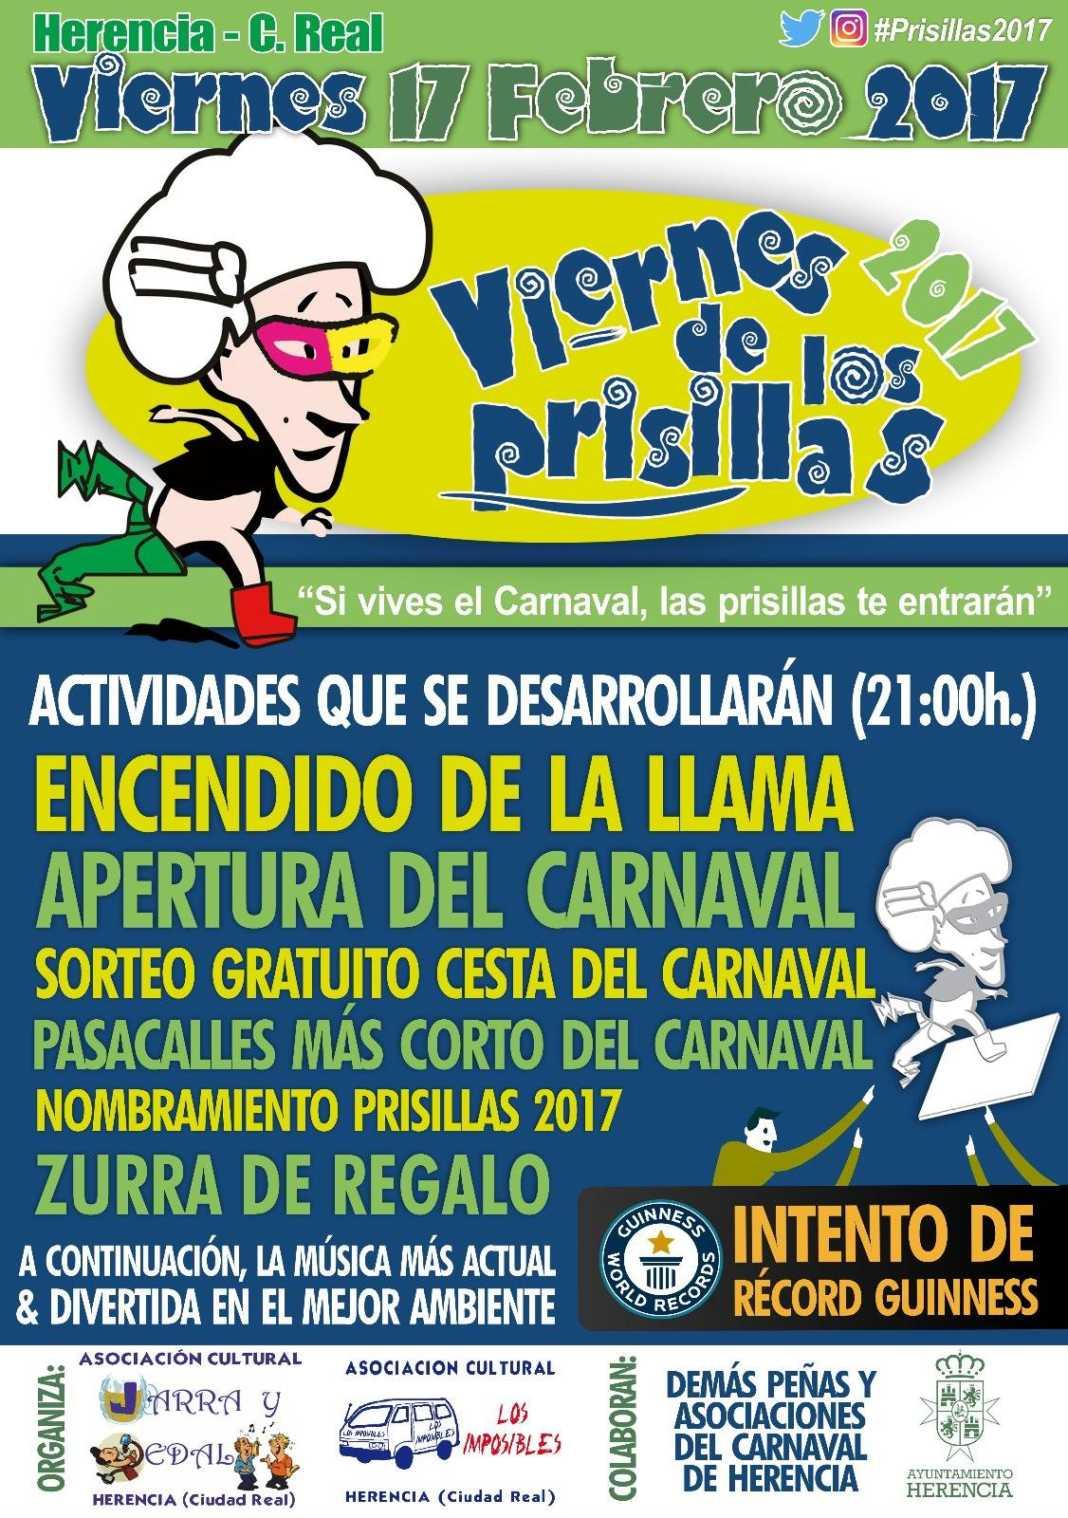 viernes de los prisillas 2017 carnaval de herencia 1068x1518 - Abierta la votación para el Prisillas 2017 del Carnaval de Herencia